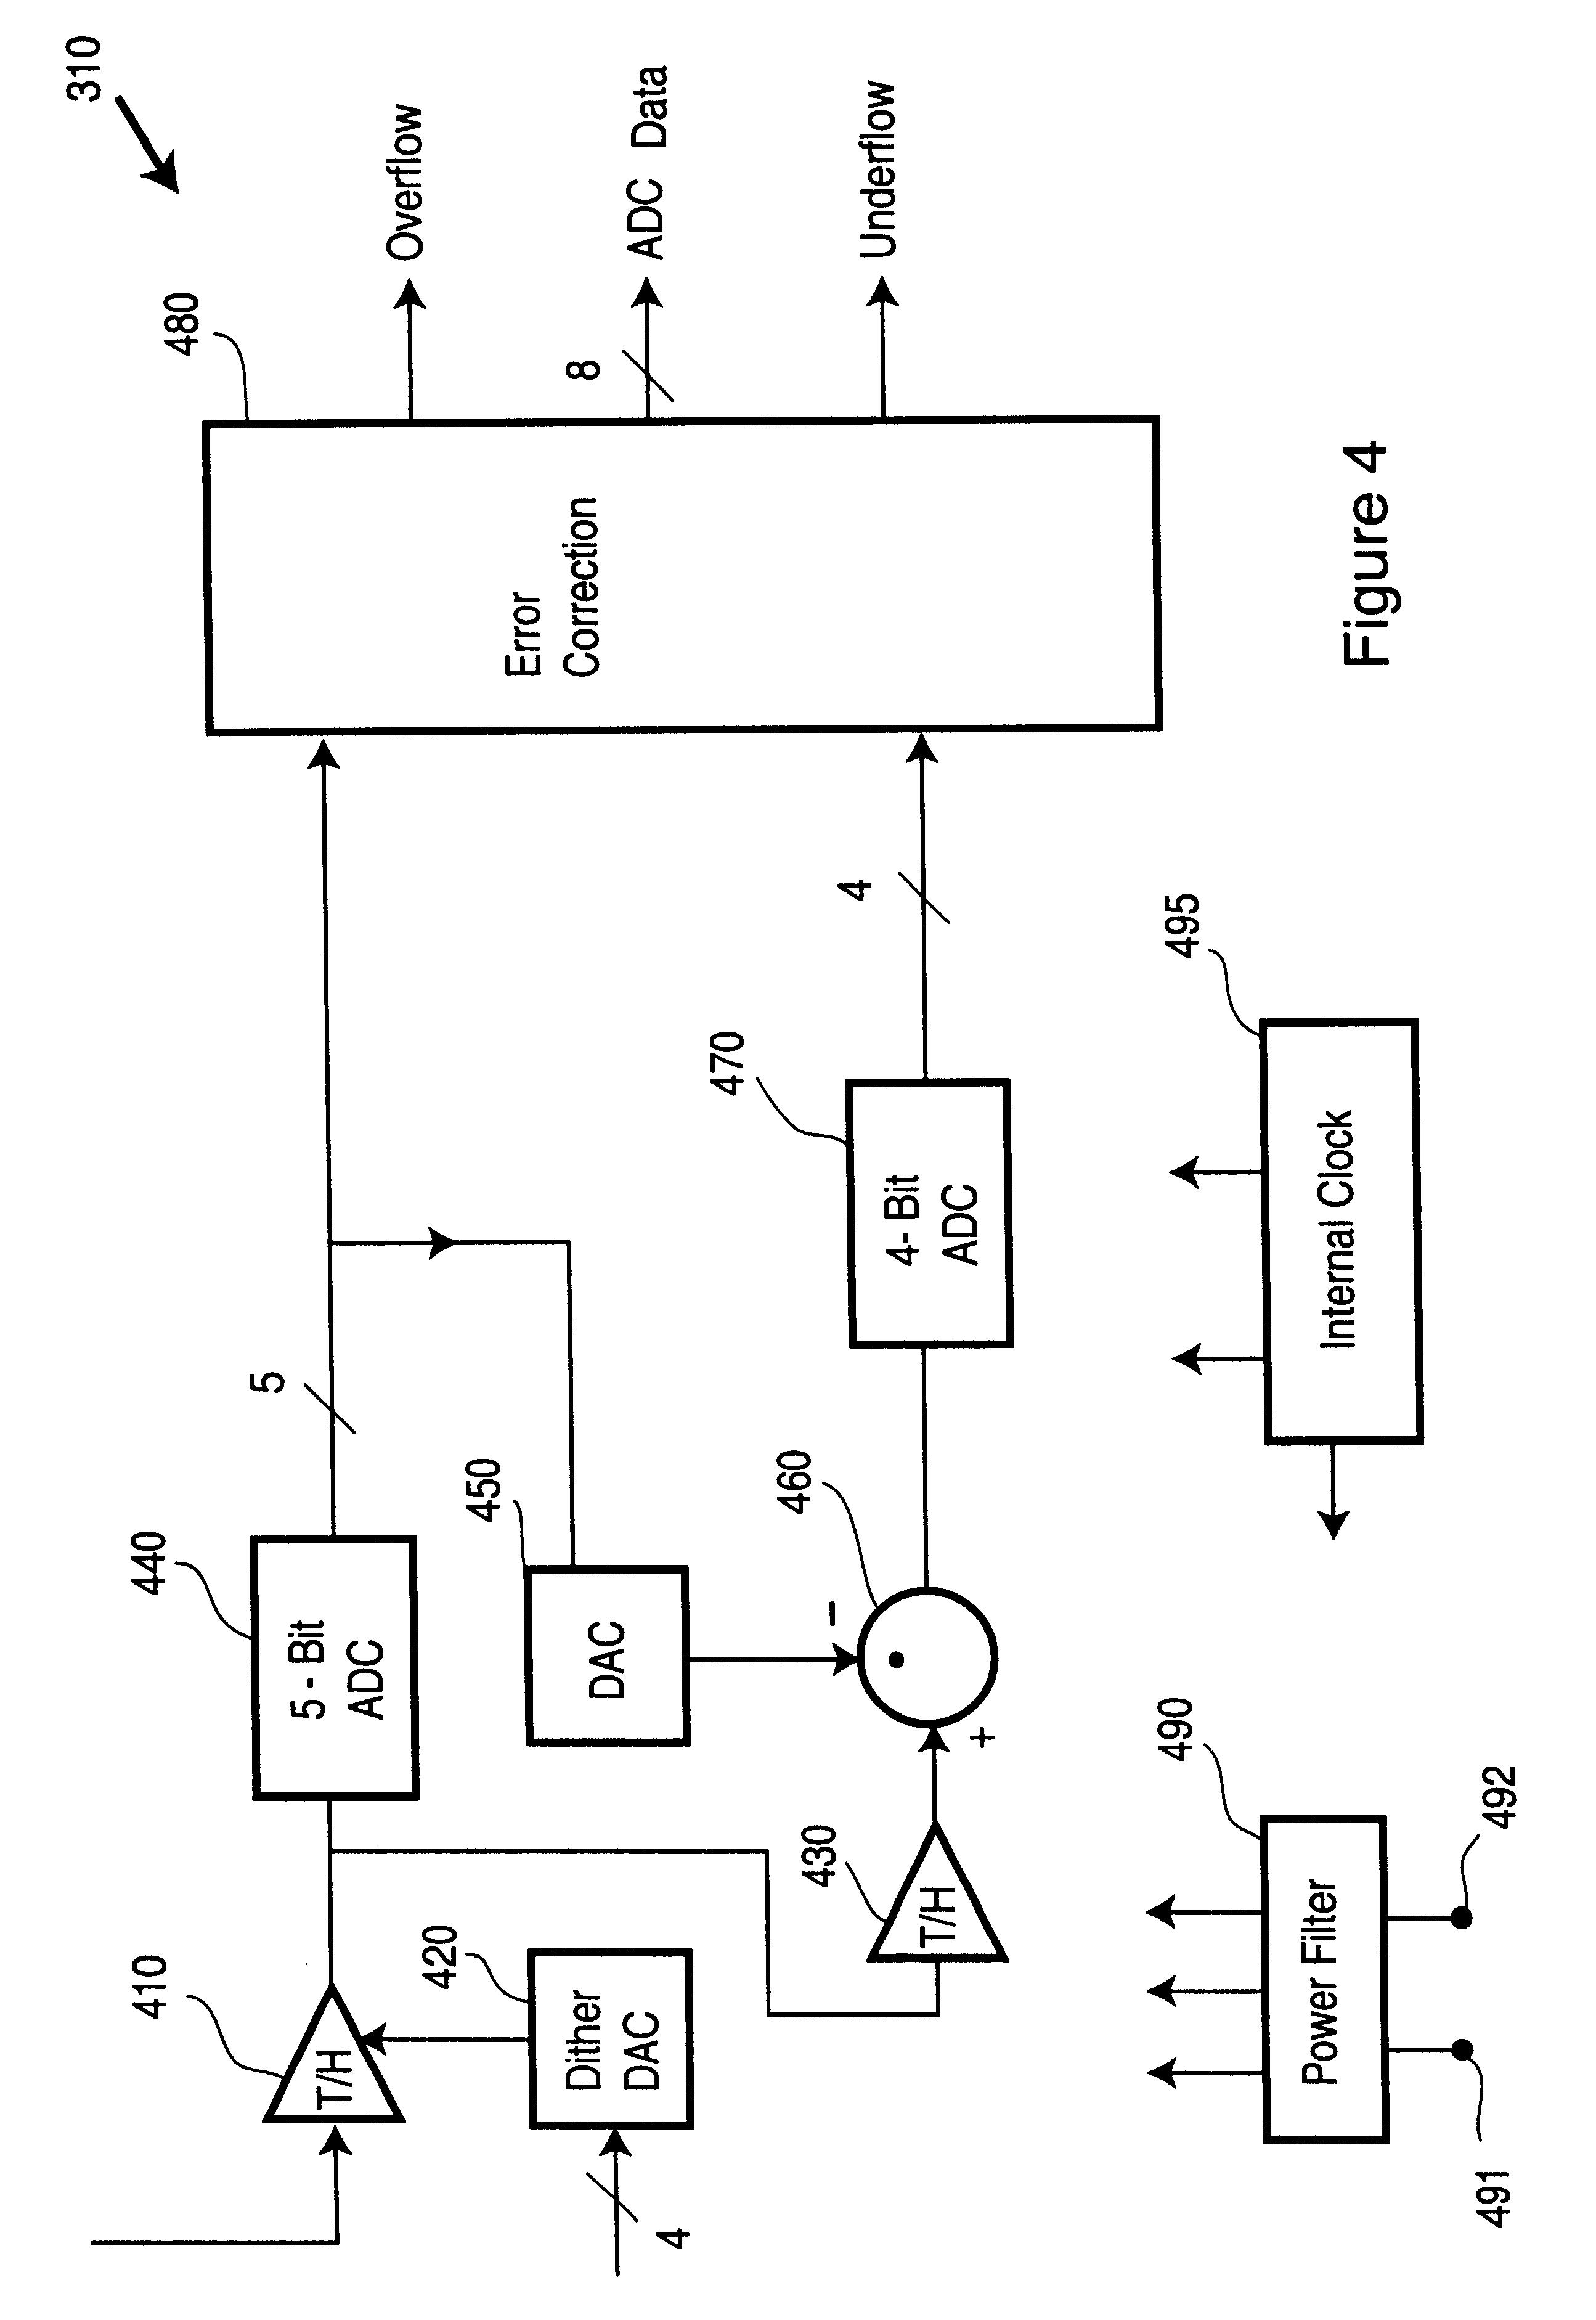 patent us6459426